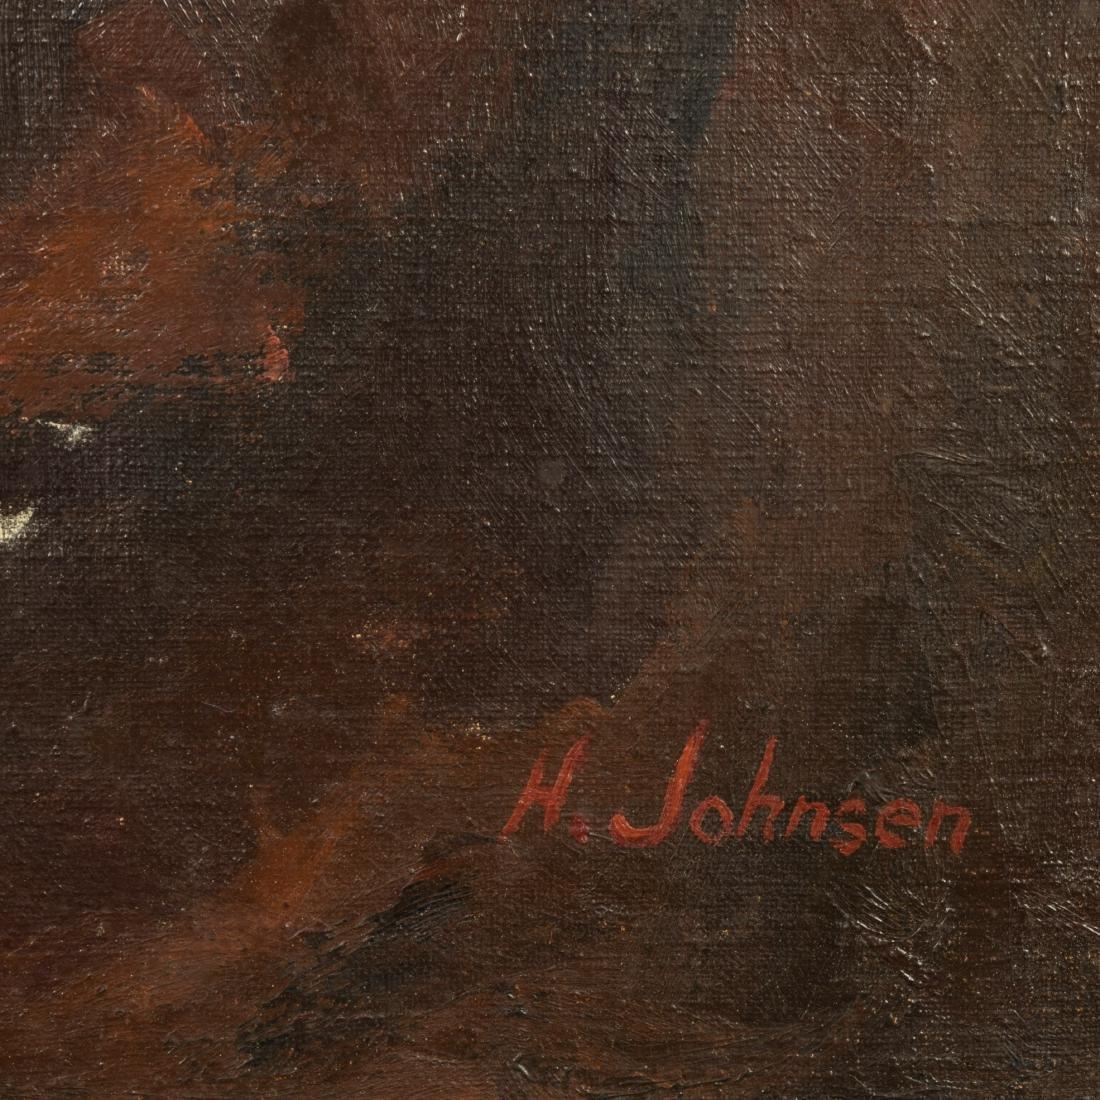 Harold Johnsen - Oil on Canvas - Nude - 3